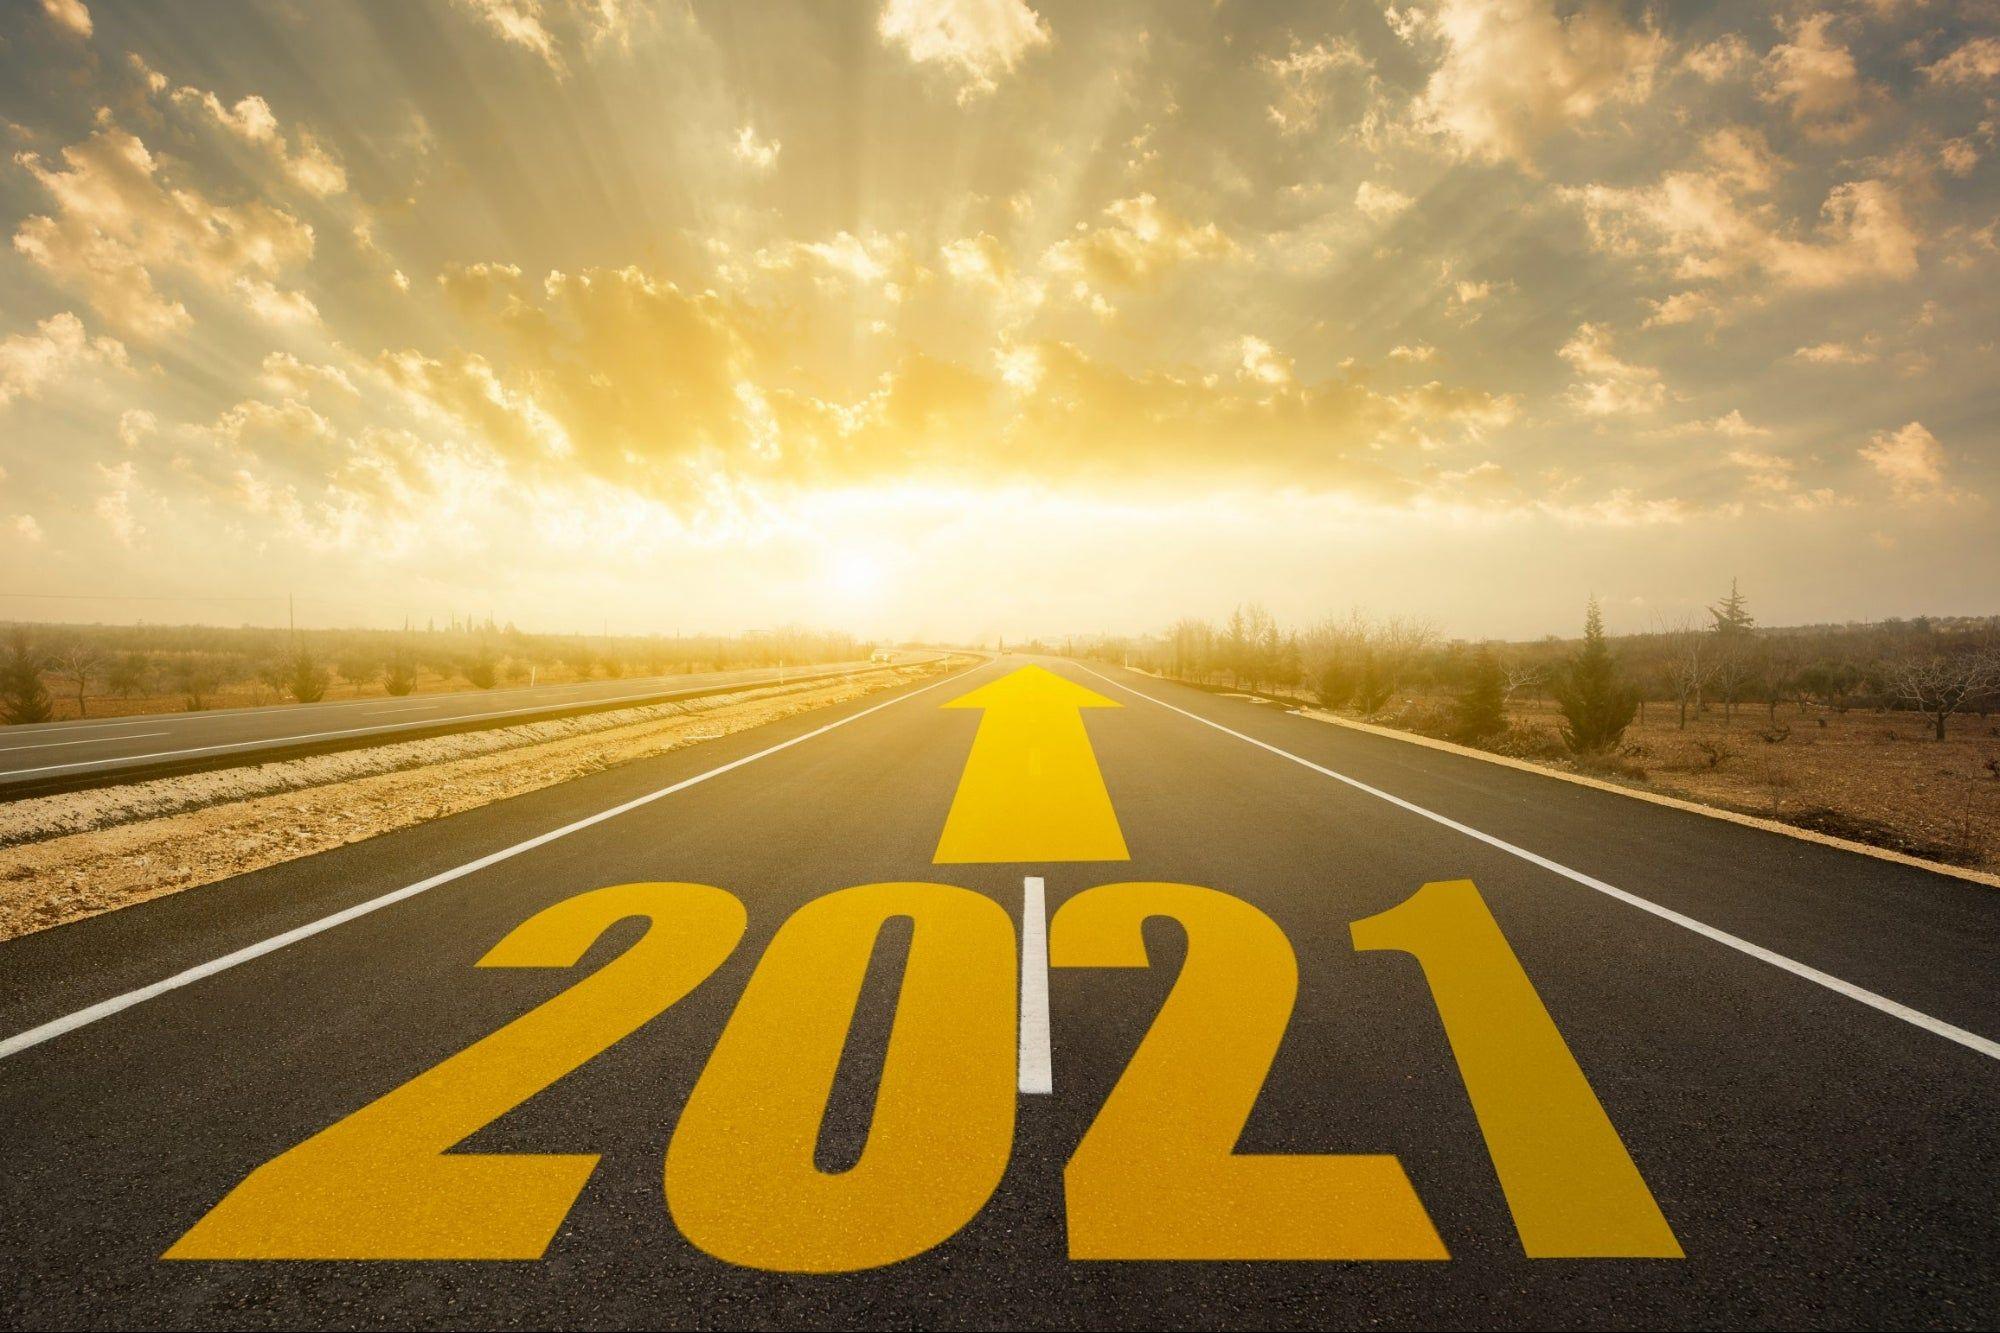 2021 Yılı Burç Yorumları - Özellikle Şubat ayı Merkür gerilemesi, Uranüs ve Mars'ın kare açısı, zorlu bir zaman dilimini işaret etmekte.